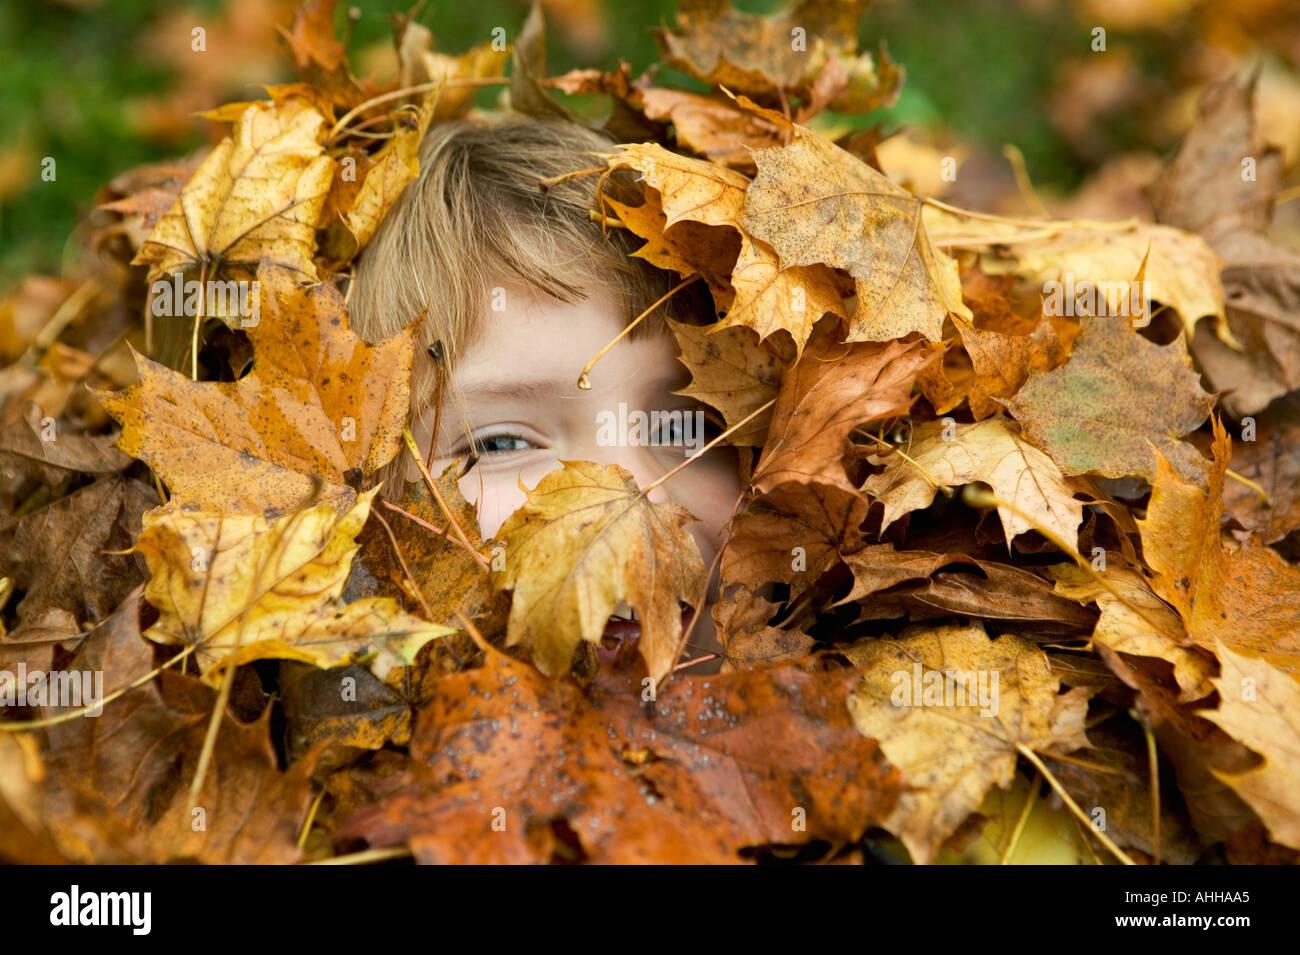 Ragazza 5 spiata attraverso un mucchio di foglie in cui è sepolta di giocare a nascondino Foto Stock